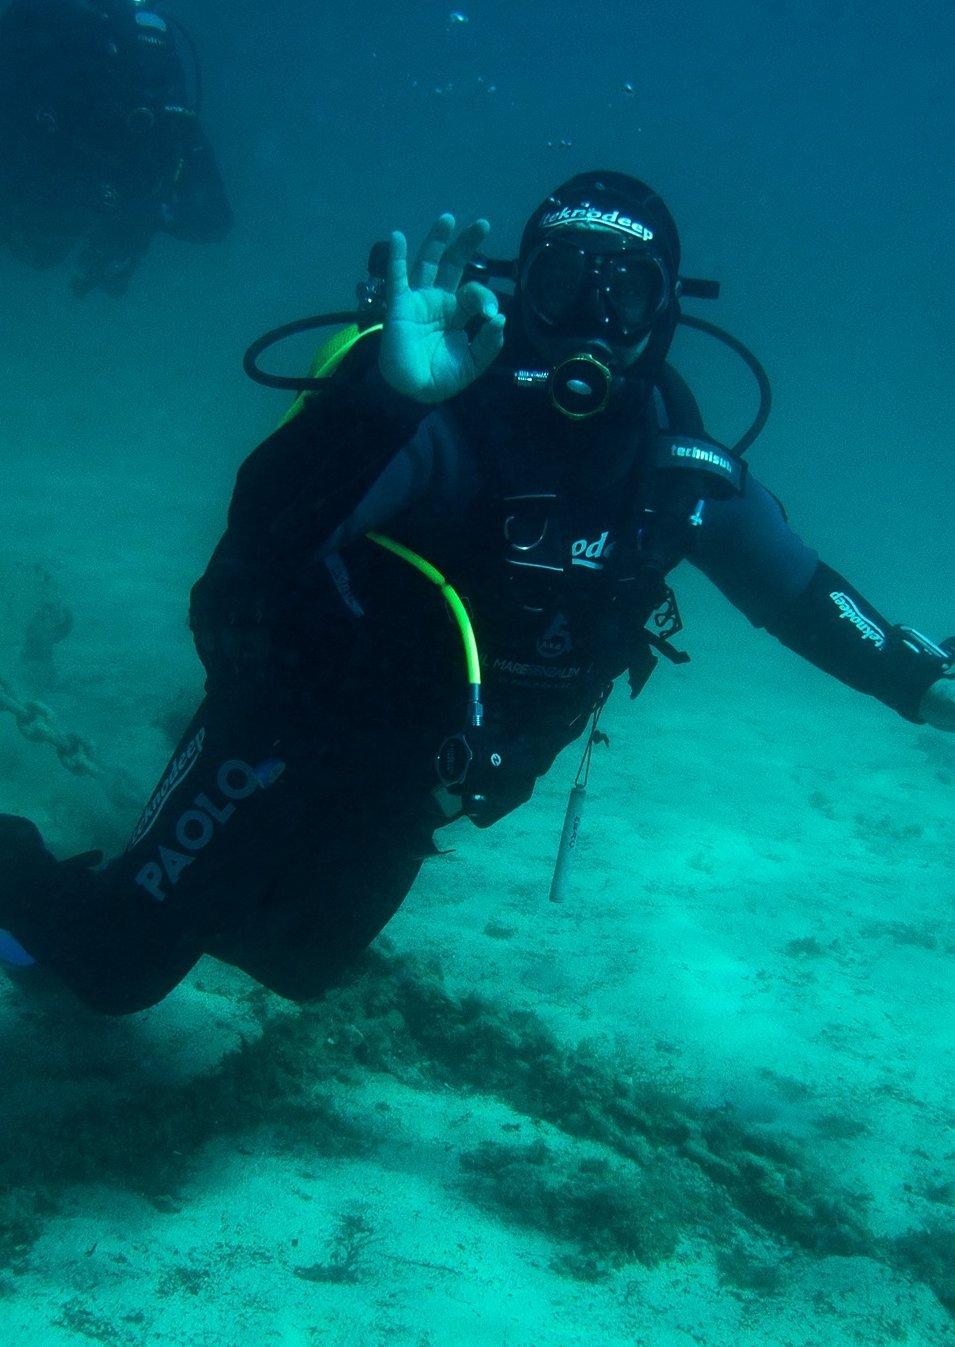 Presto Paolo De Vizzi tenterà di migliorare il record che gli appartiene di permanenza in acqua